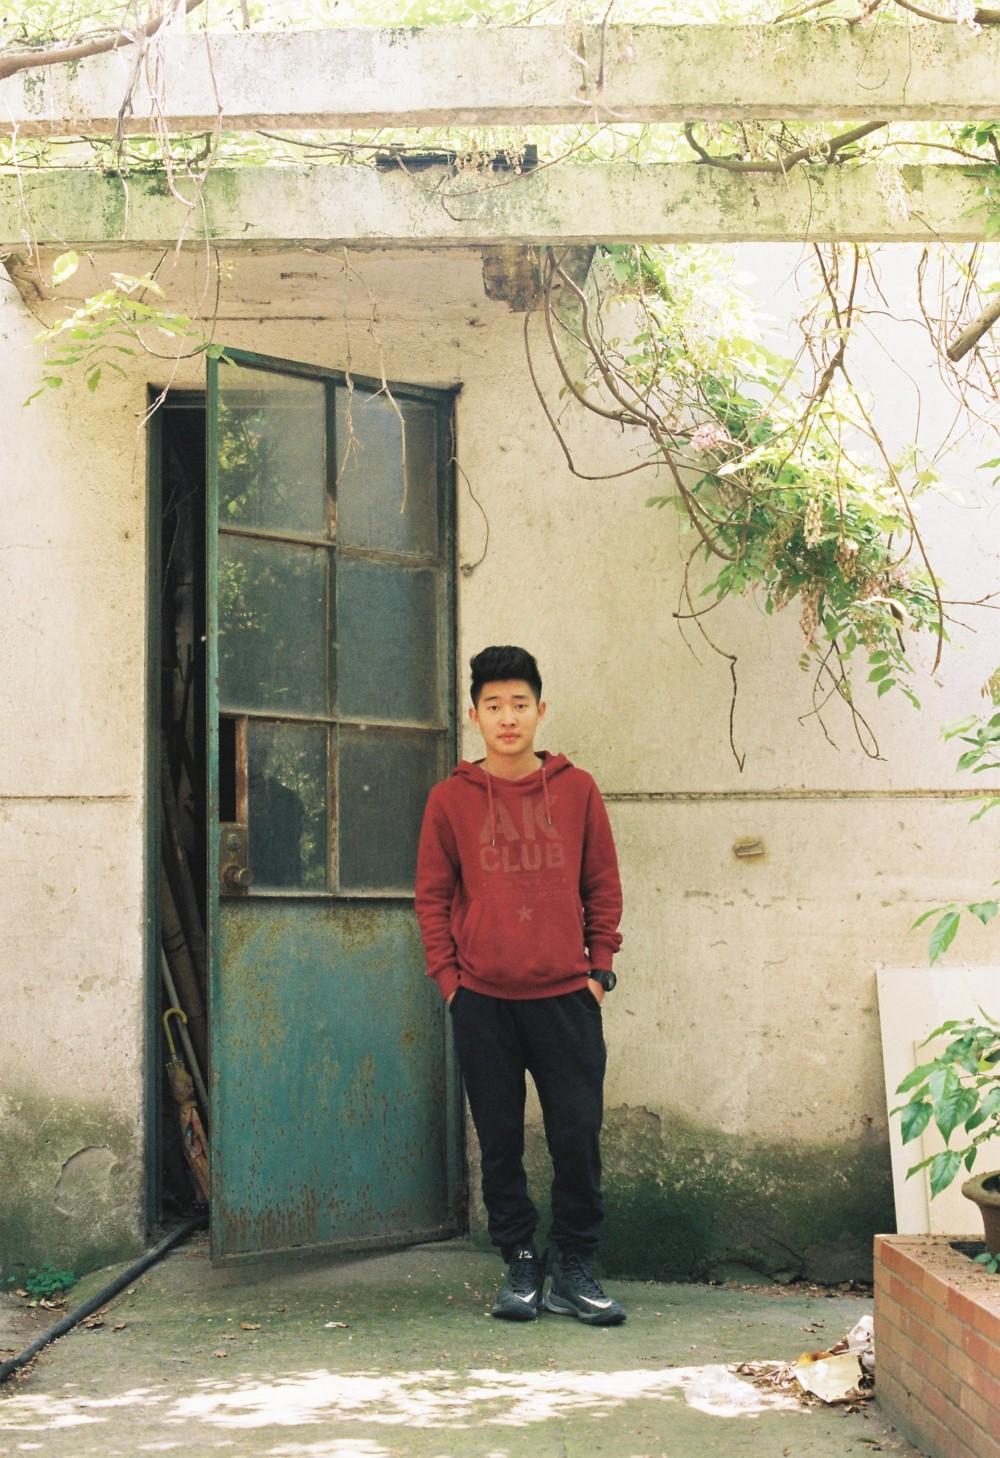 忧郁少年 @Stacy1993-菲林中文-独立胶片摄影门户!